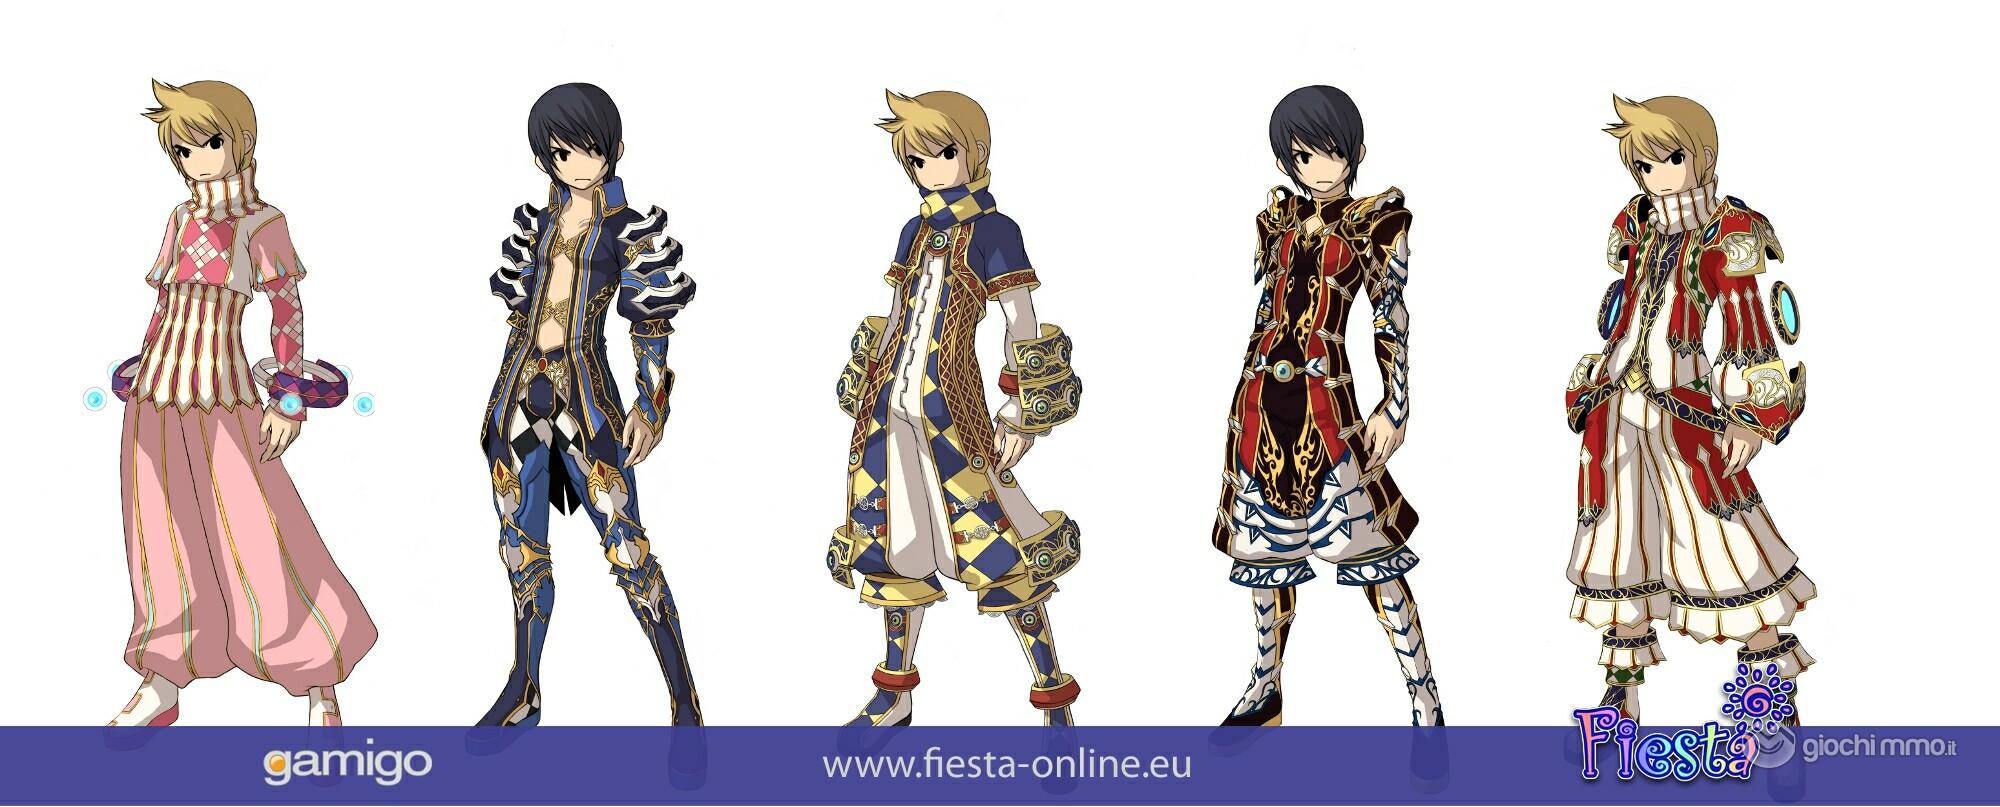 Clicca sull'immagine per ingrandirlaNome:   Fiesta Online screen5.jpgVisite: 57Dimensione:   328.5 KBID: 8418